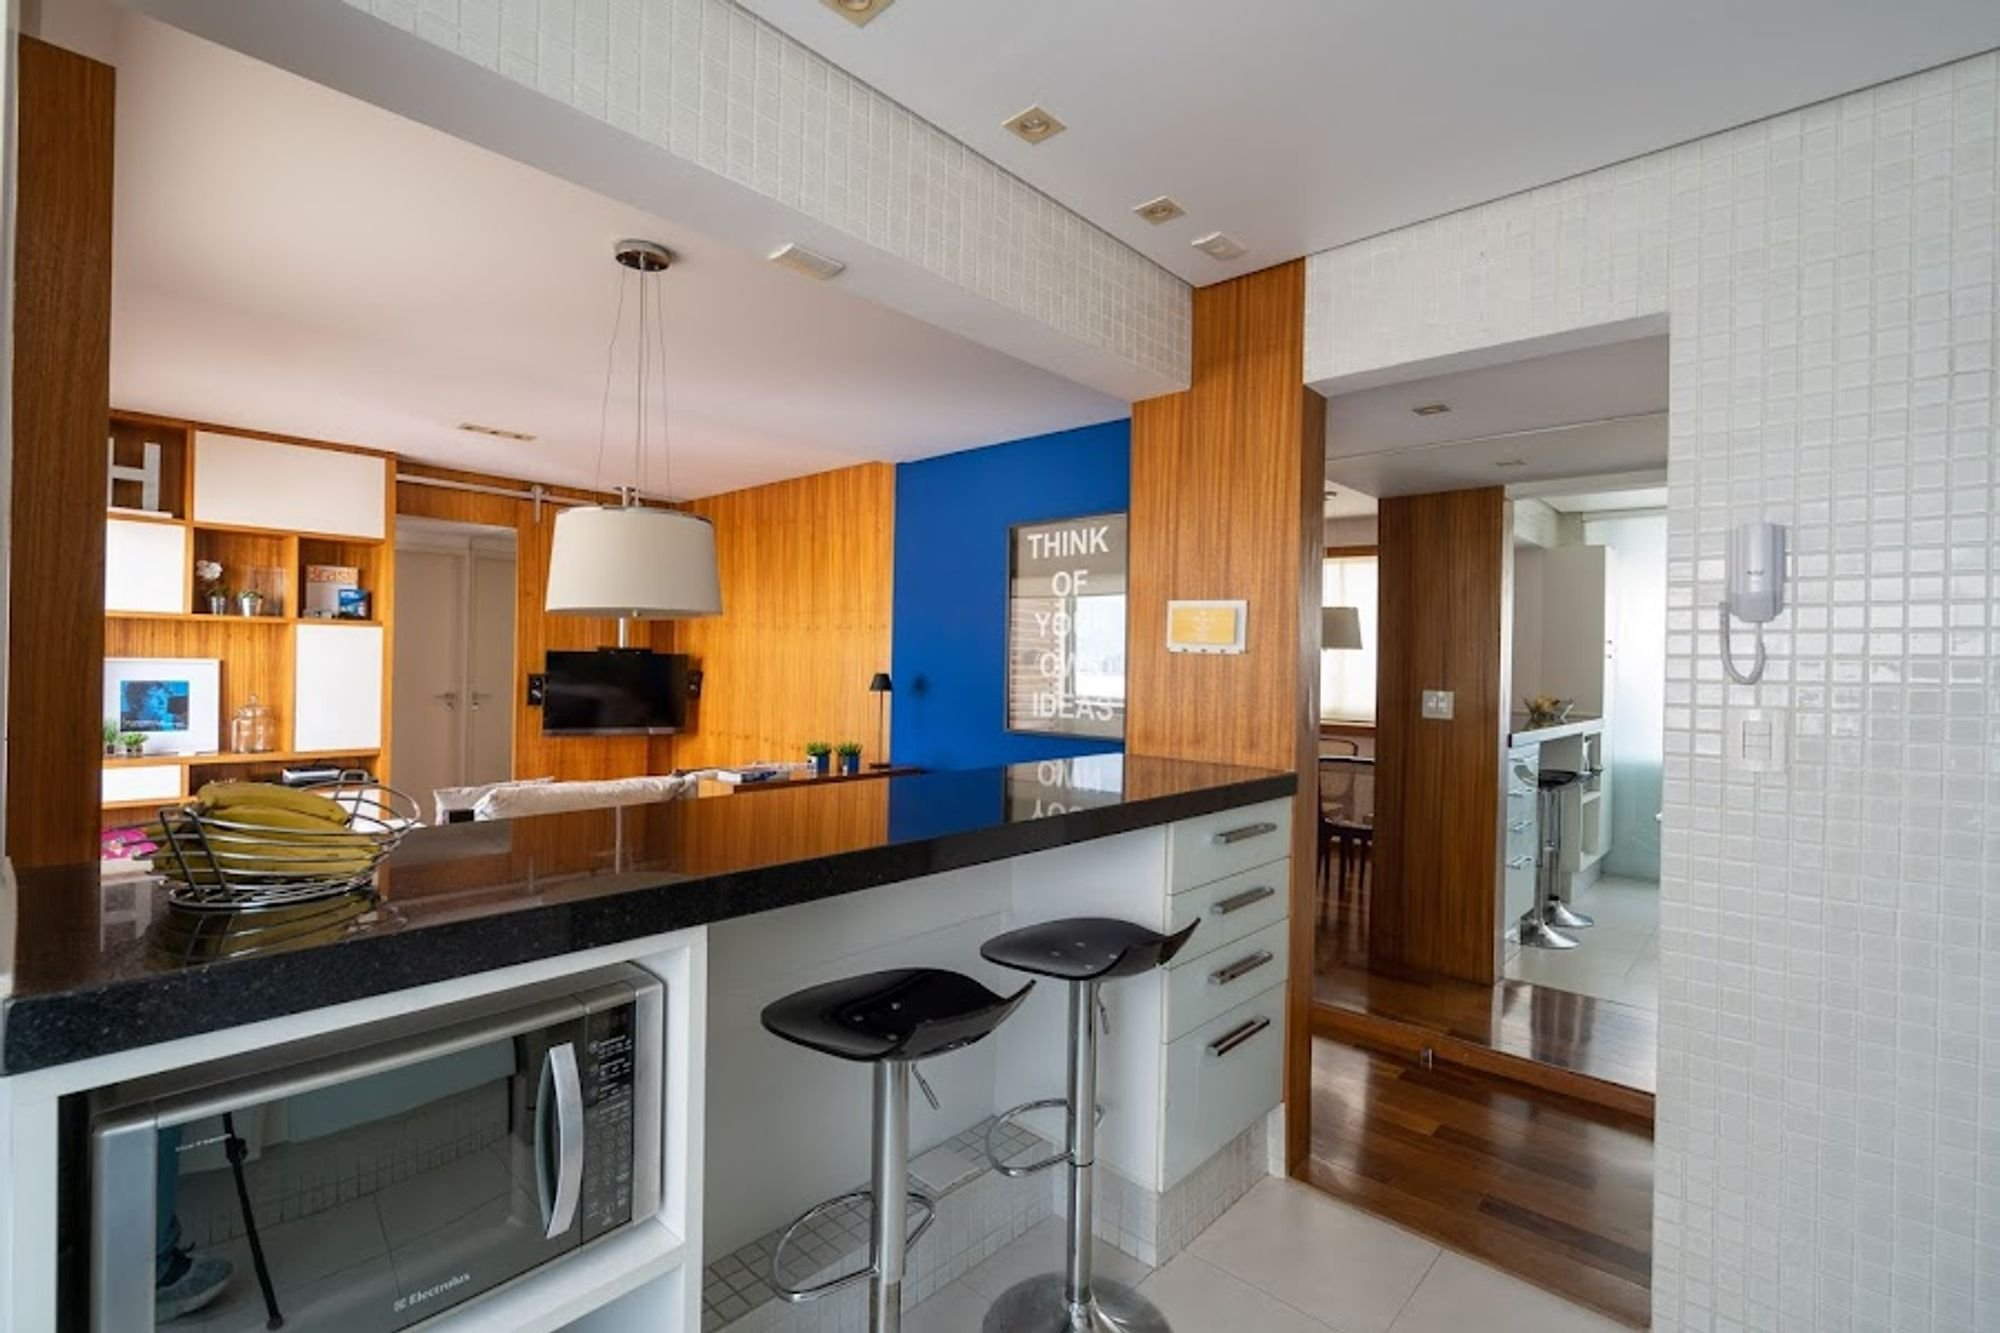 Foto de Cozinha com televisão, cadeira, microondas